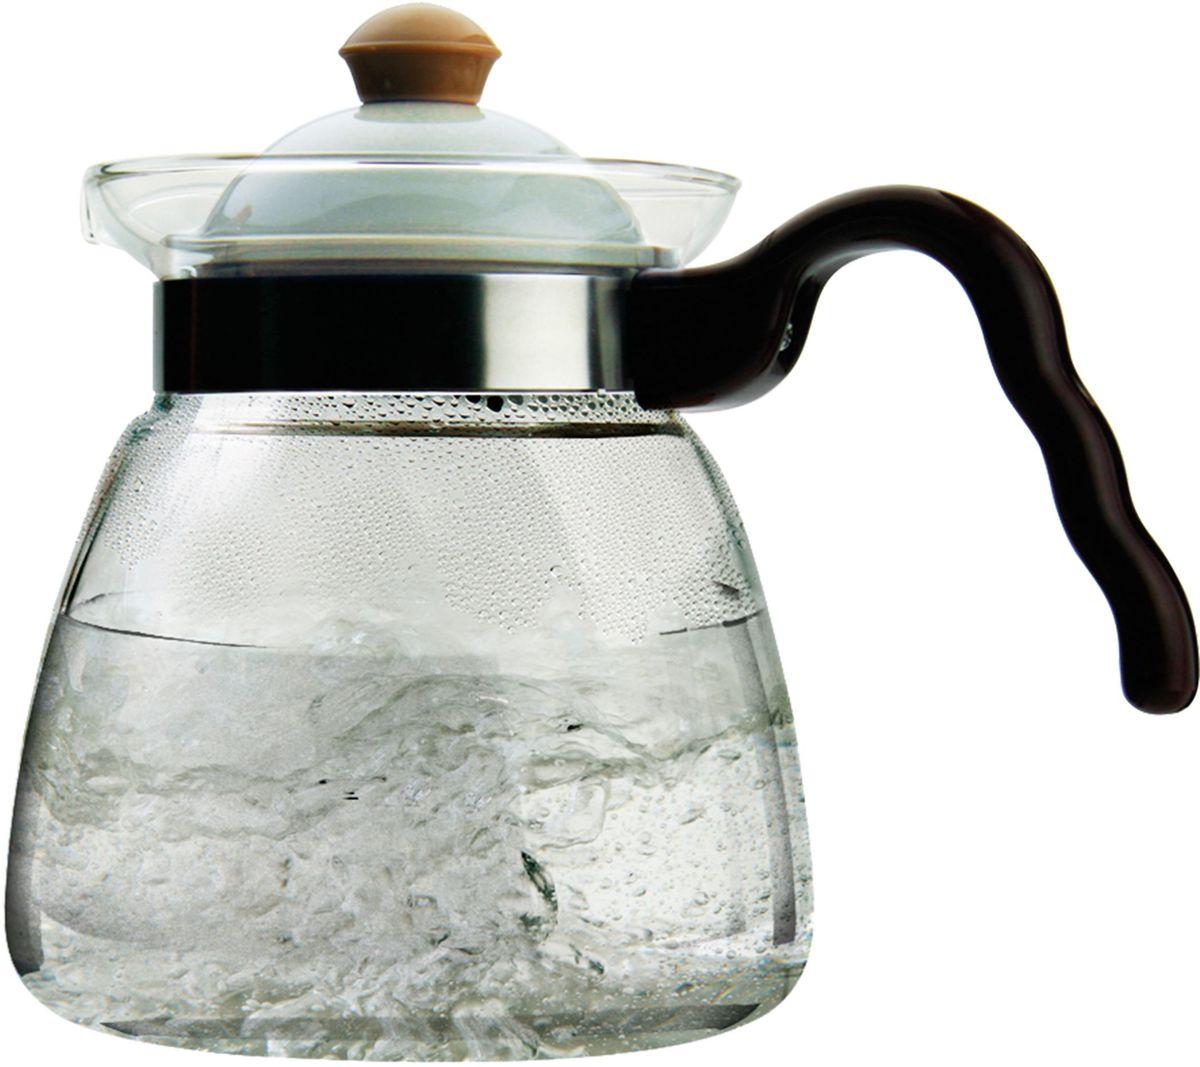 Чайник для кипячения воды или заваривания чая Fissman, с индукционным дном, 800 мл. 9336TP-9336.800